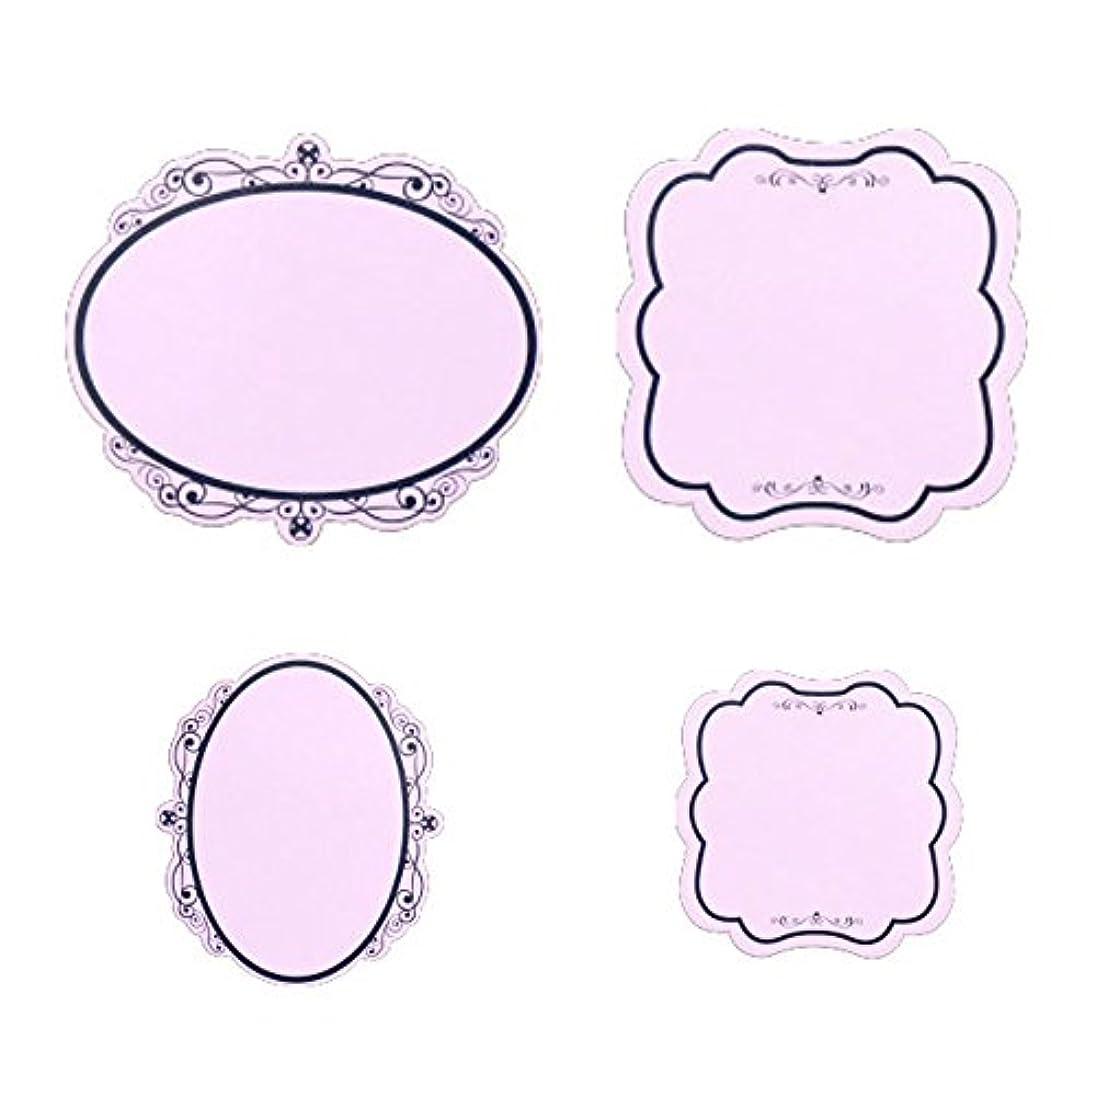 信じられない残酷神経障害agehaコレクション ディスプレイカード紫